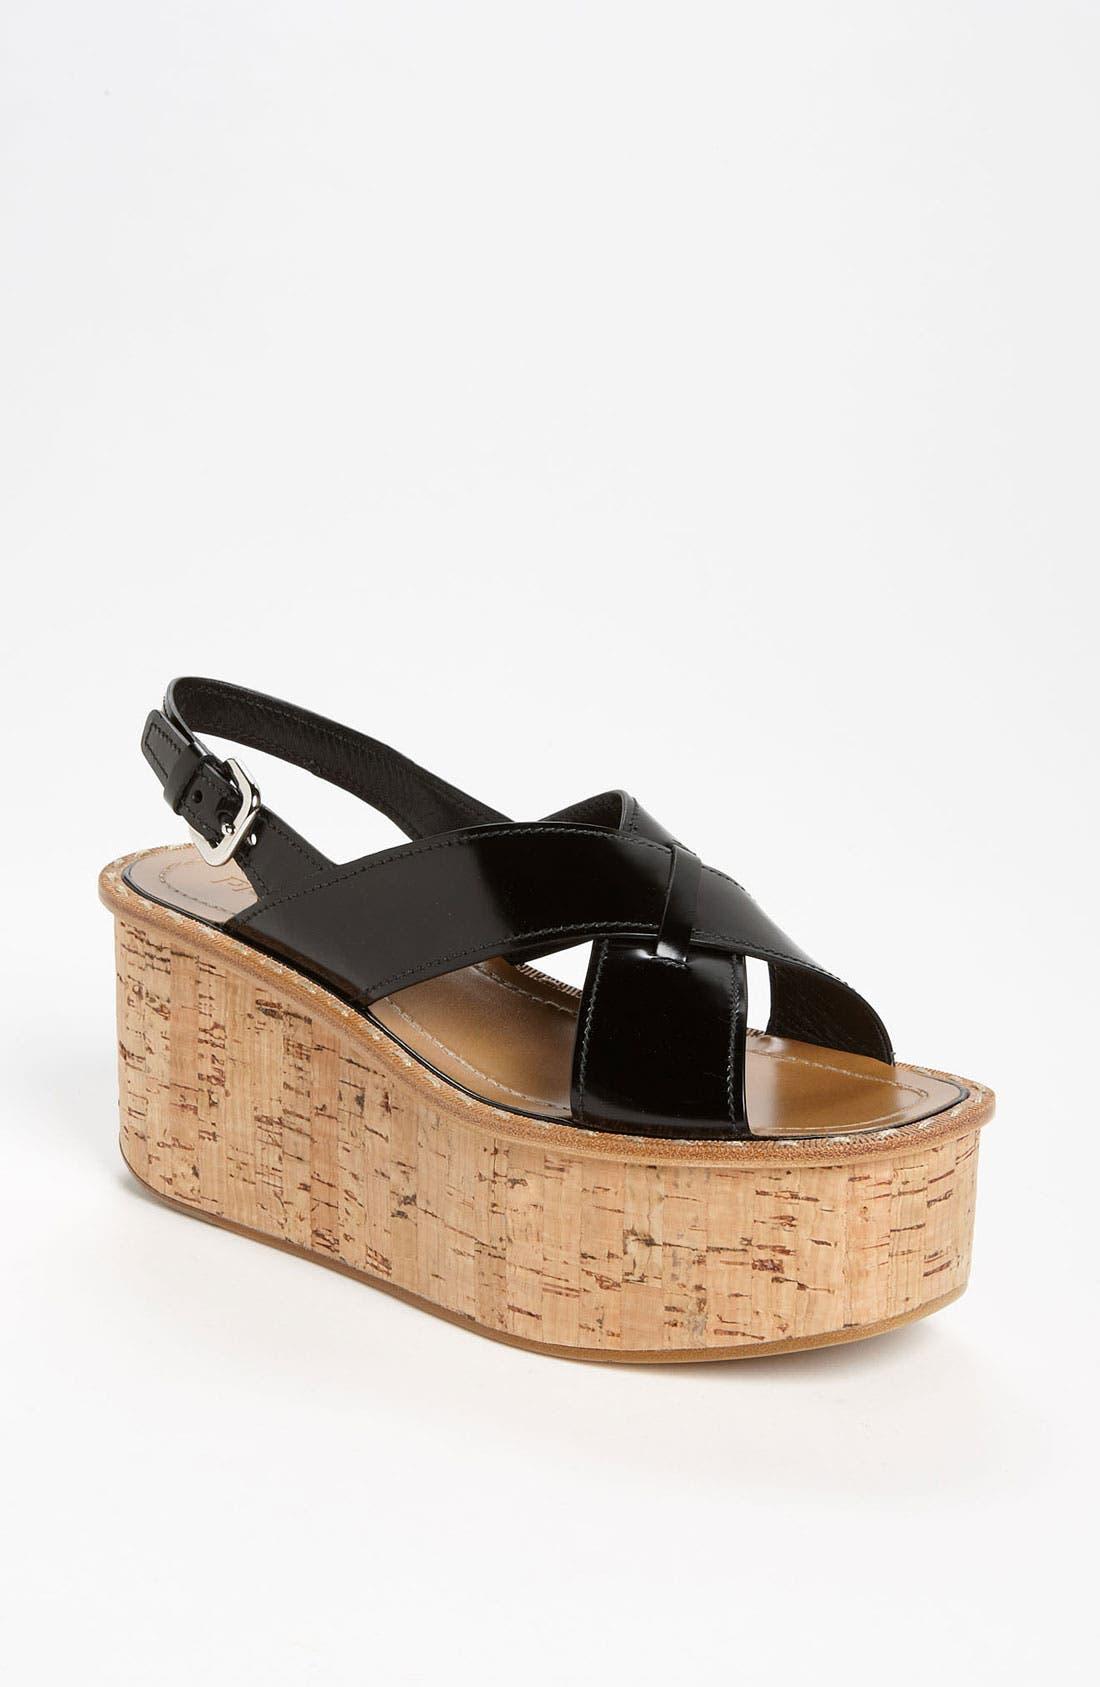 Alternate Image 1 Selected - Prada 'Criss Cross' Wedge Sandal